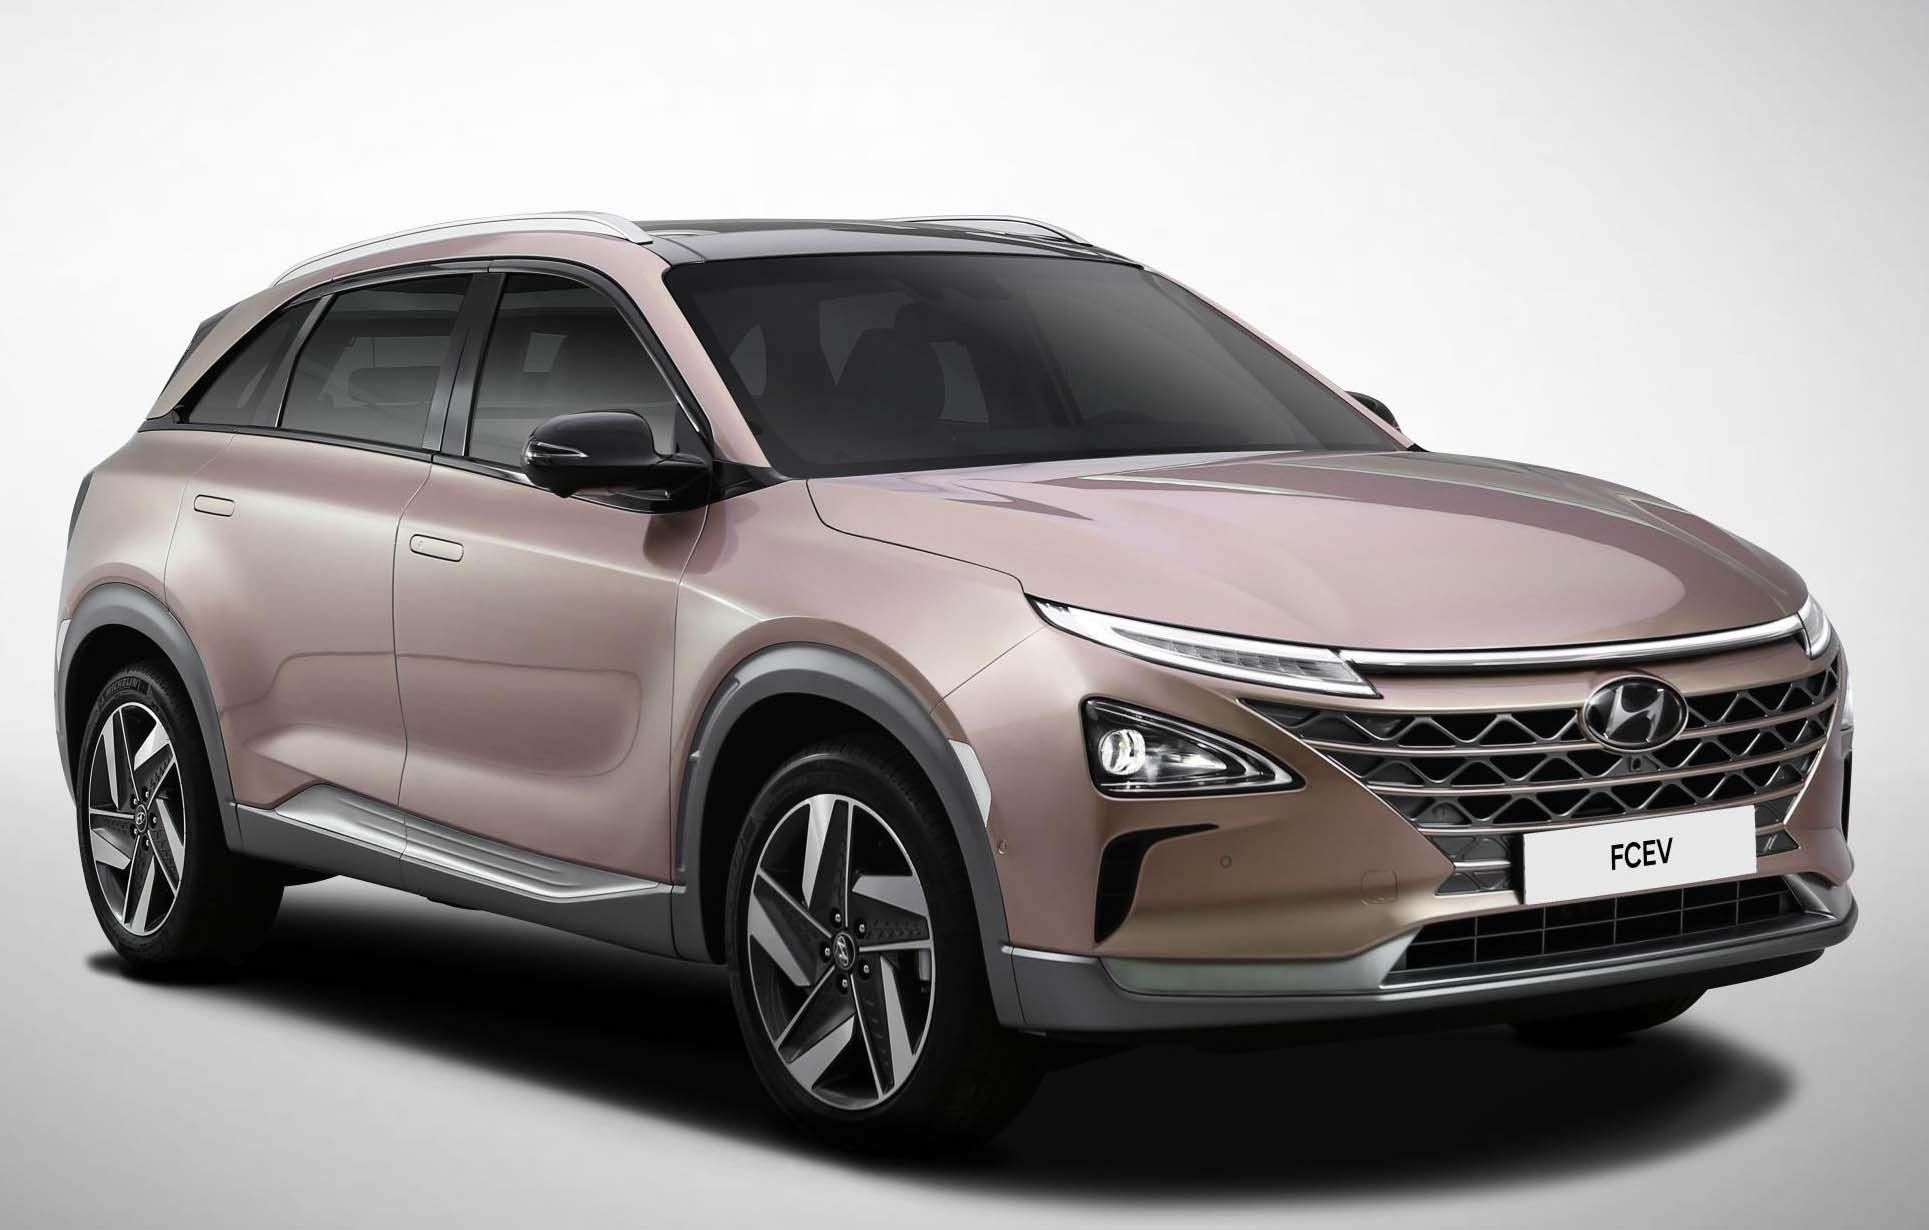 Hyundai to debut allnew autonomous features on next